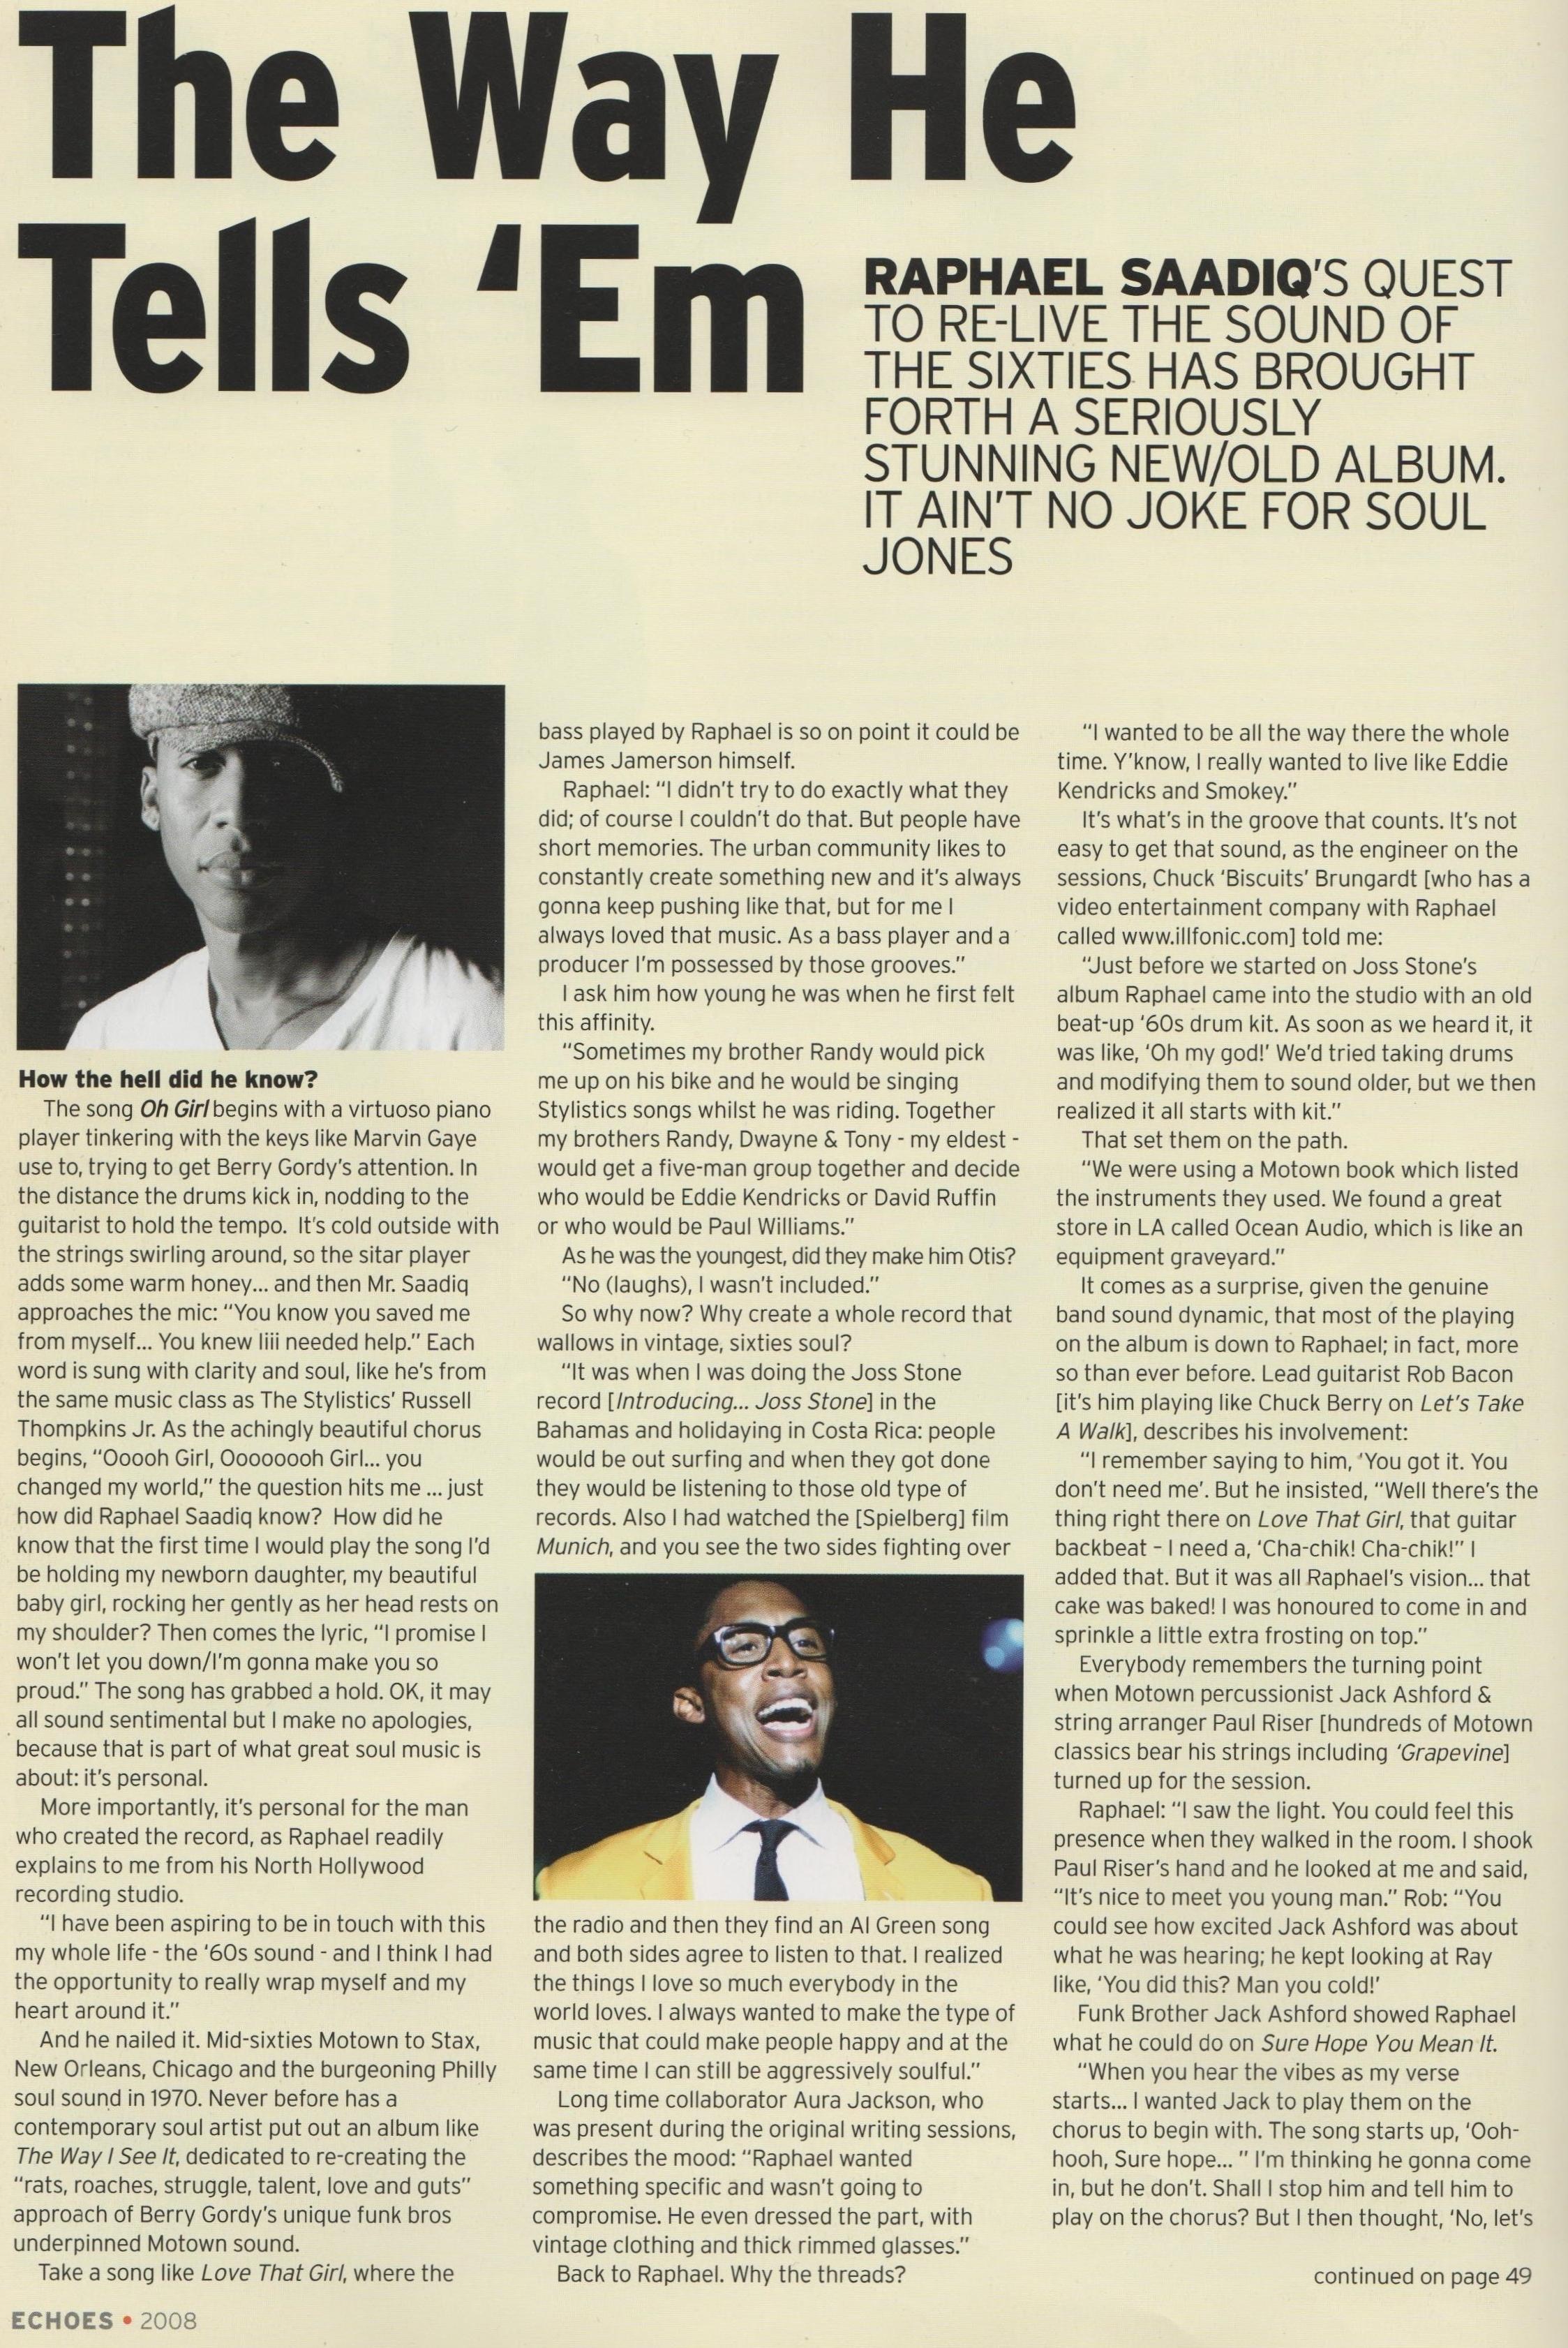 Echoes Magazine Oct 2008